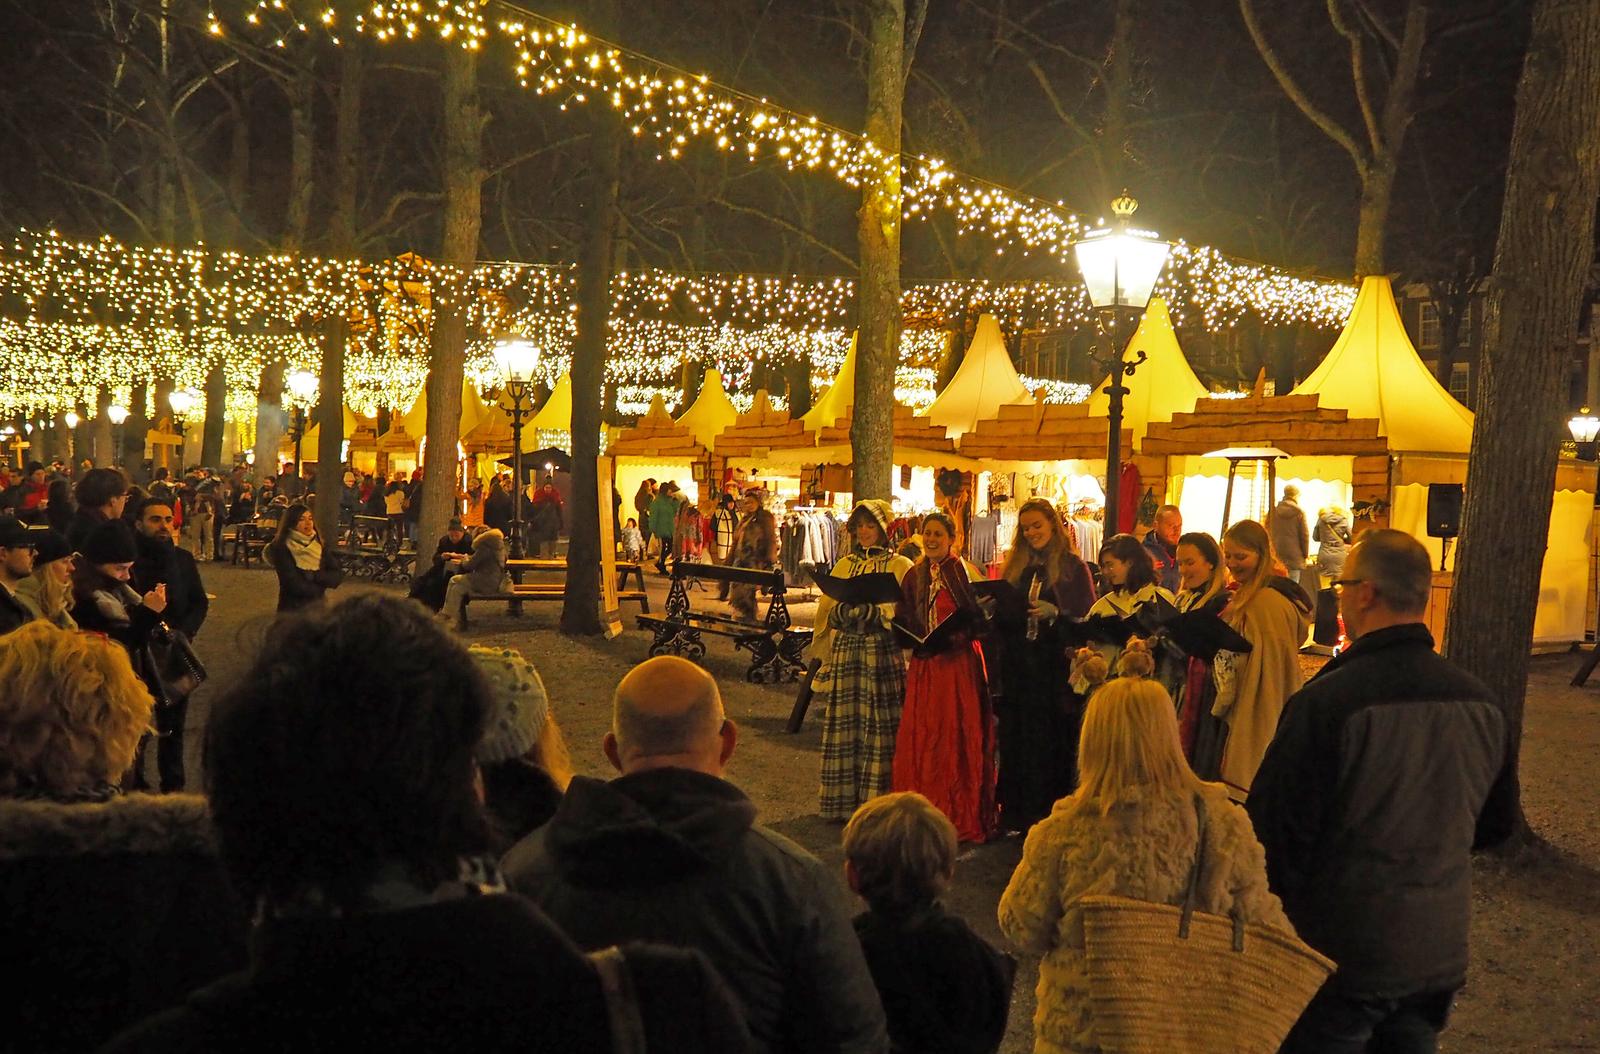 Kom In Kerstsfeer Bij De Leukste Kerstmarkt In Den Haag Ensannereist